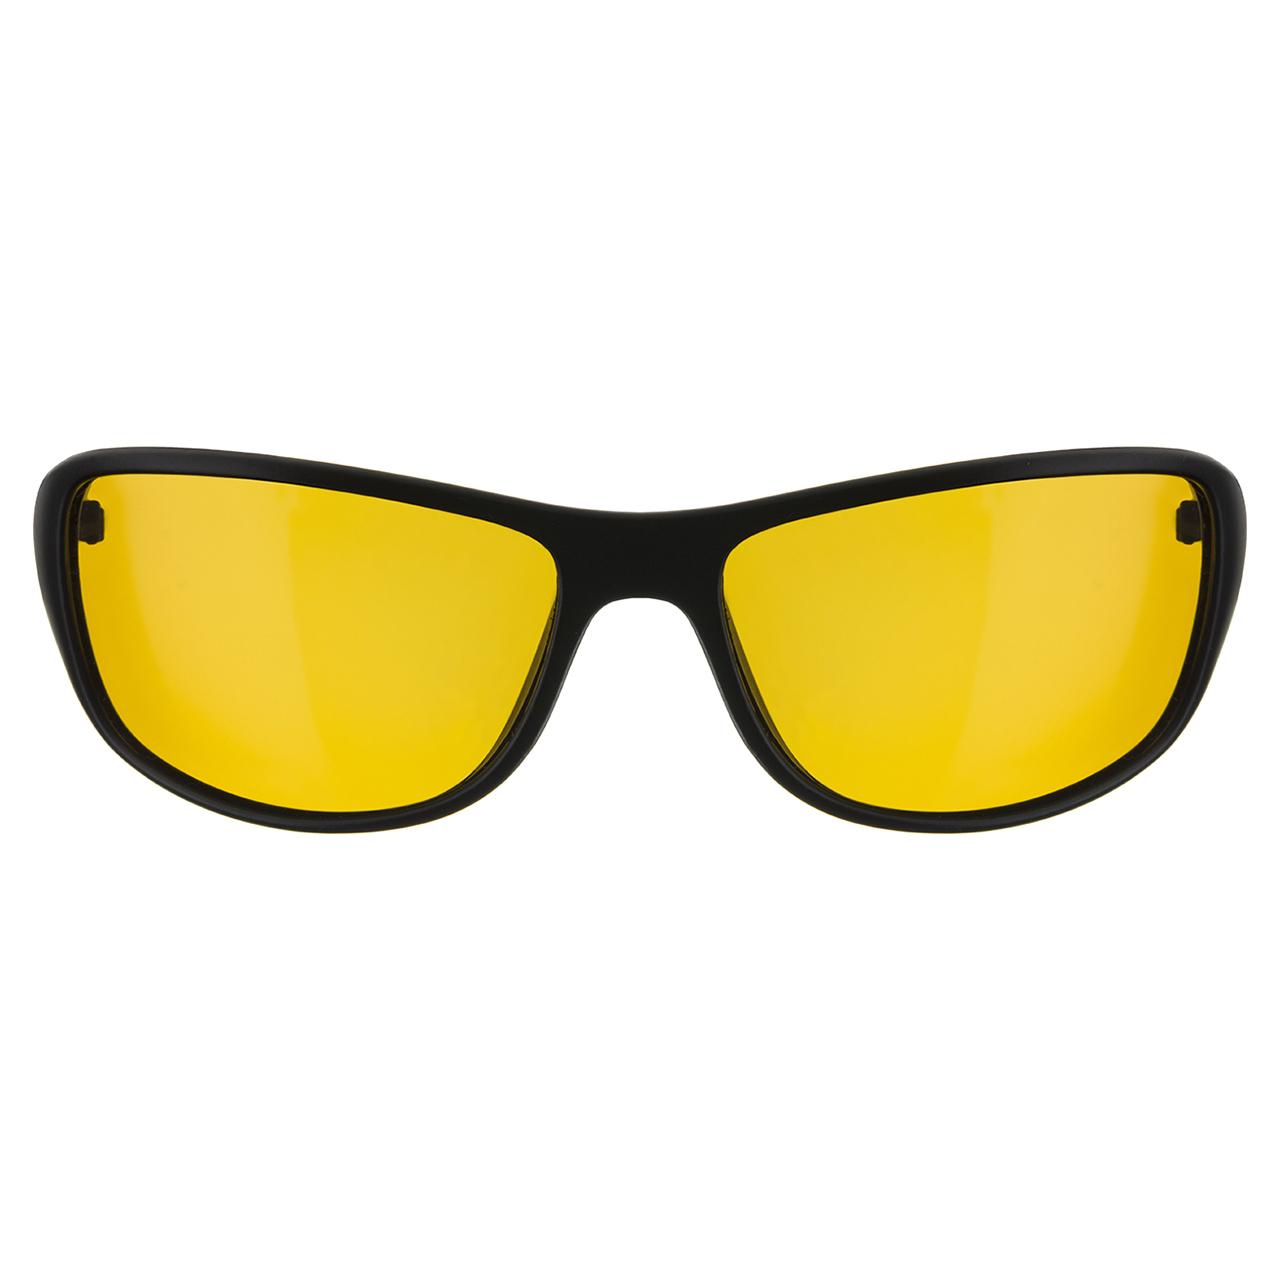 قیمت عینک دید در شب کد 7020